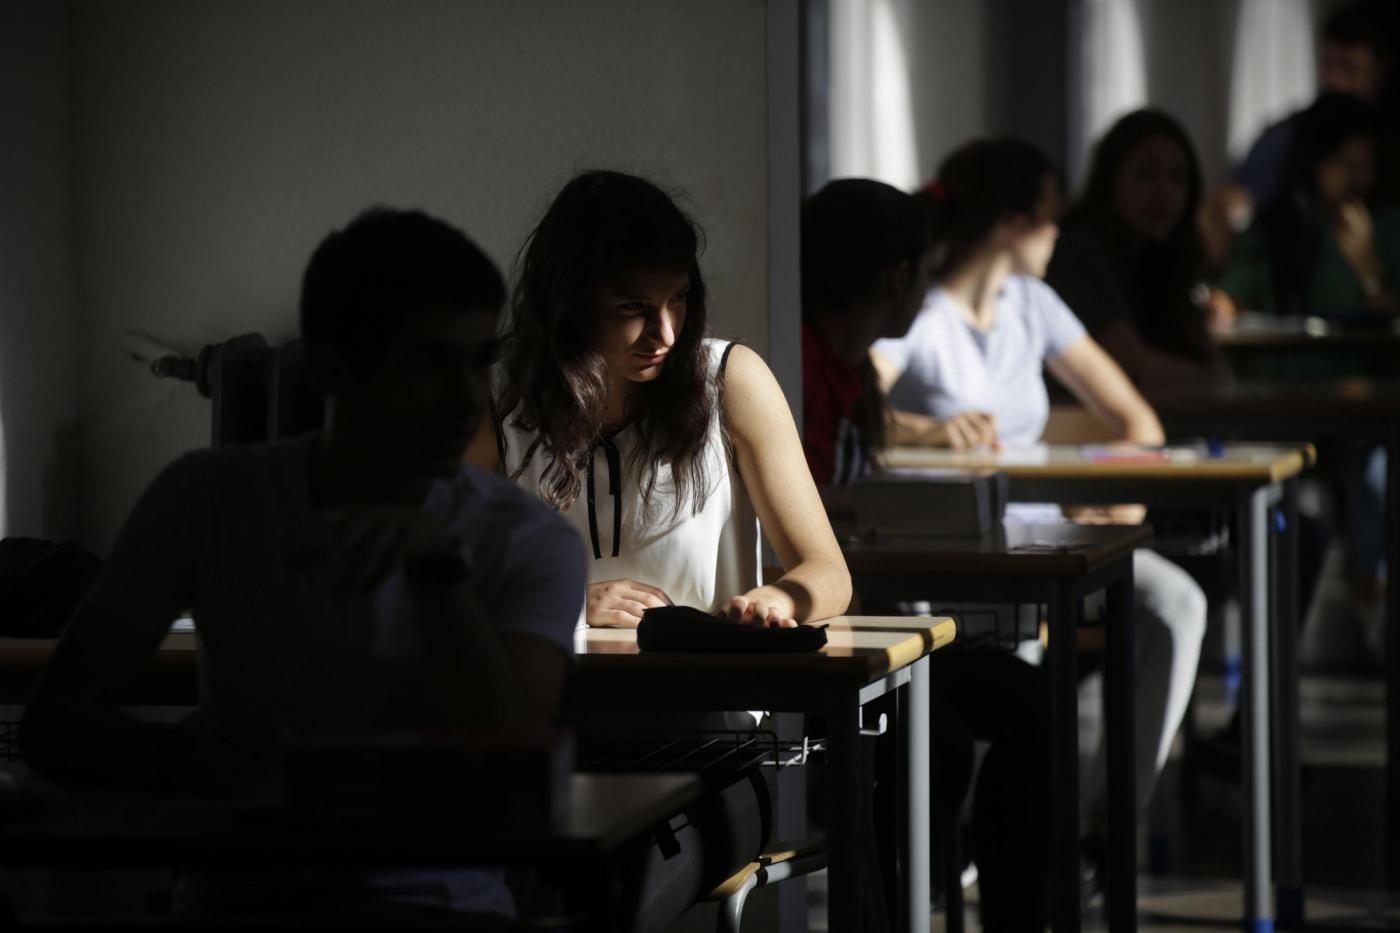 Esami maturità 2018, essere ammessi sarà più facile: basterà la media del 6